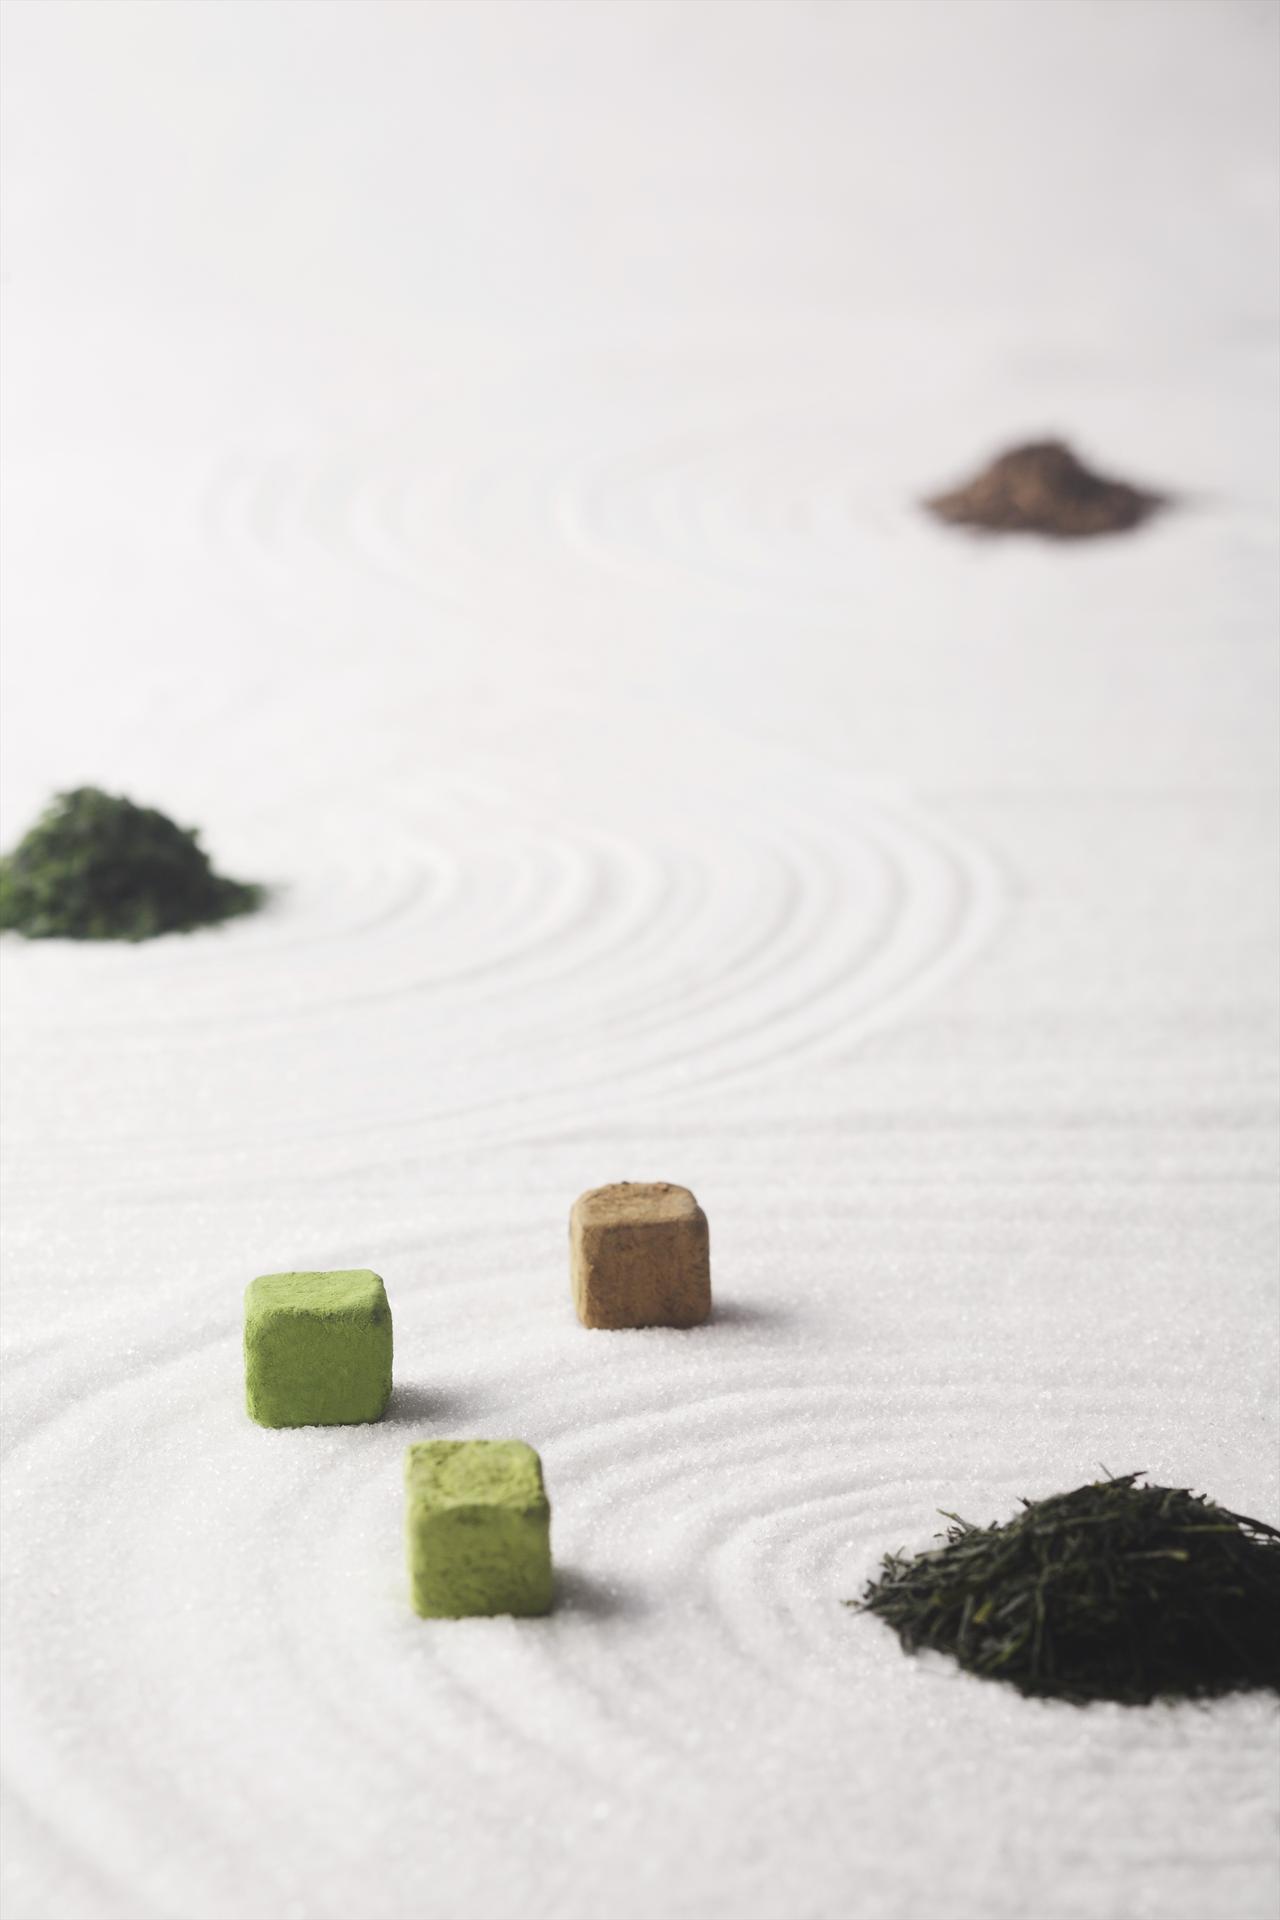 画像2: 『茶の縁(えにし)宇治茶3種生チョコレート』数量限定30個!販売価格はなんと10万円!